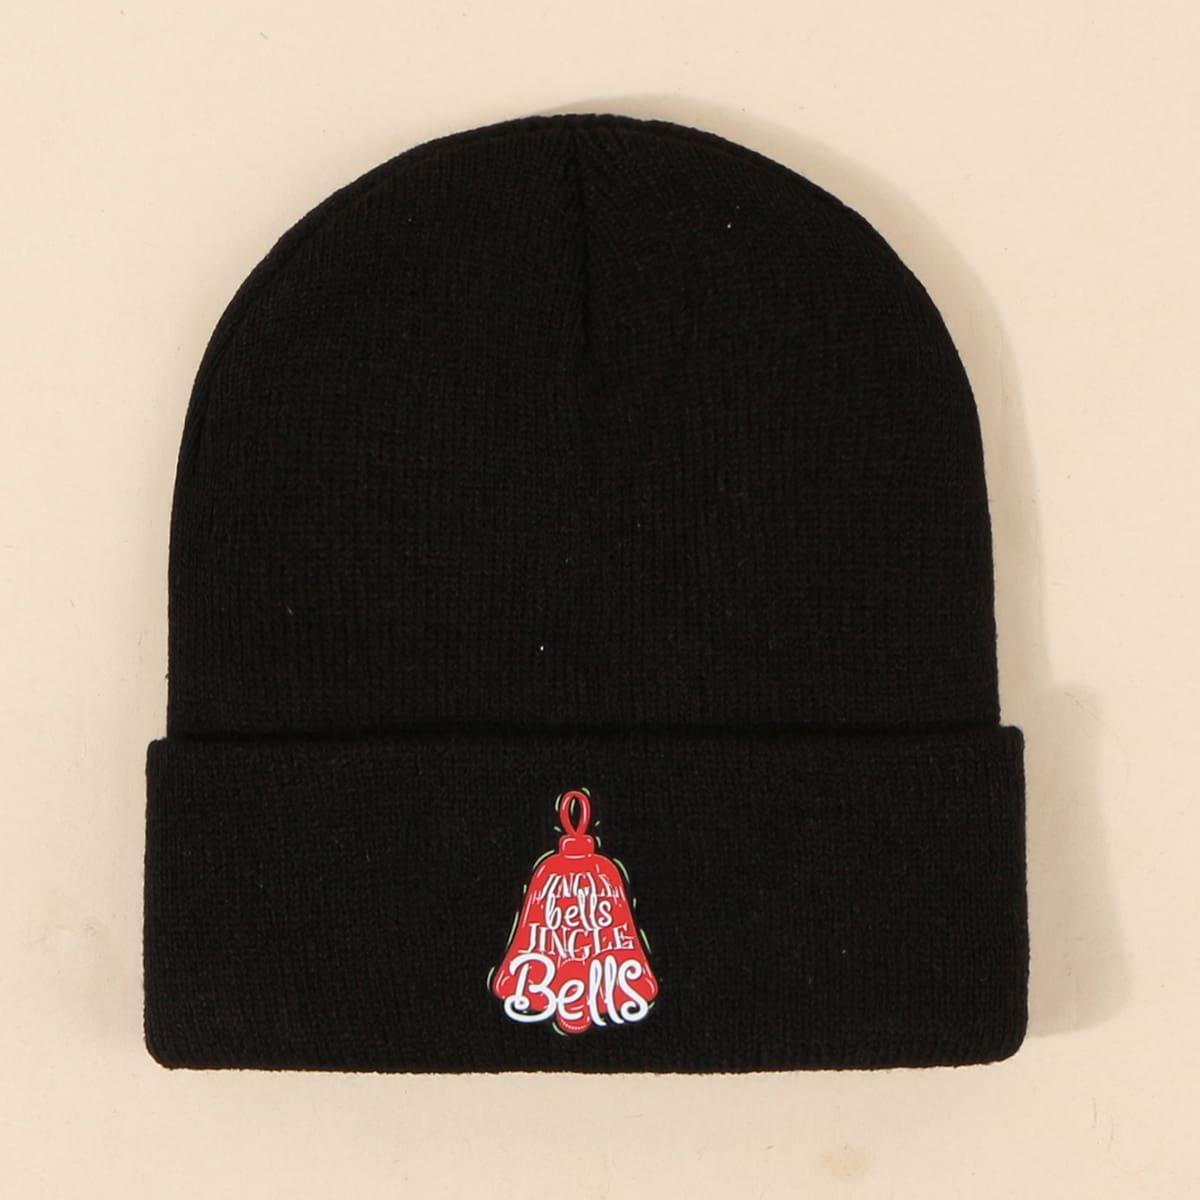 Мужская рождественская шапка с текстовым принтом